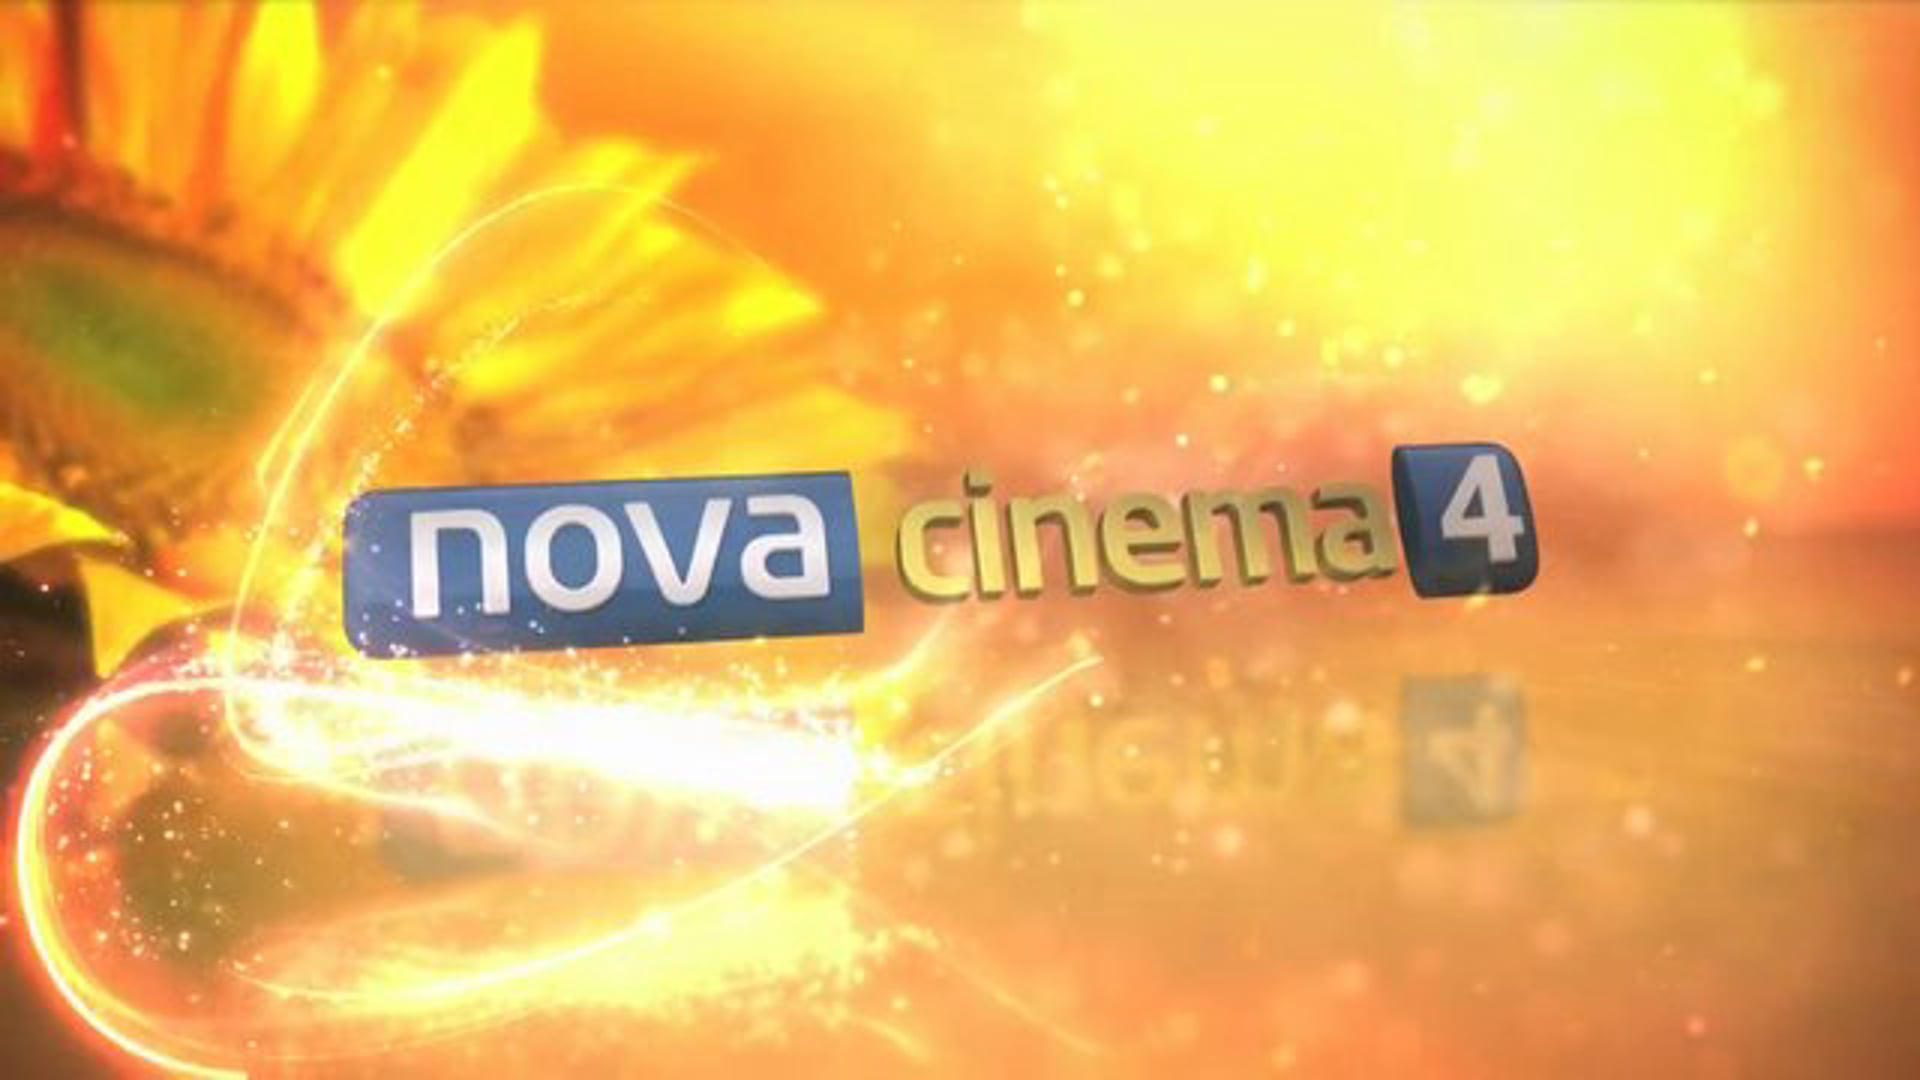 NOVA Cinema Ident / Frame By Frame